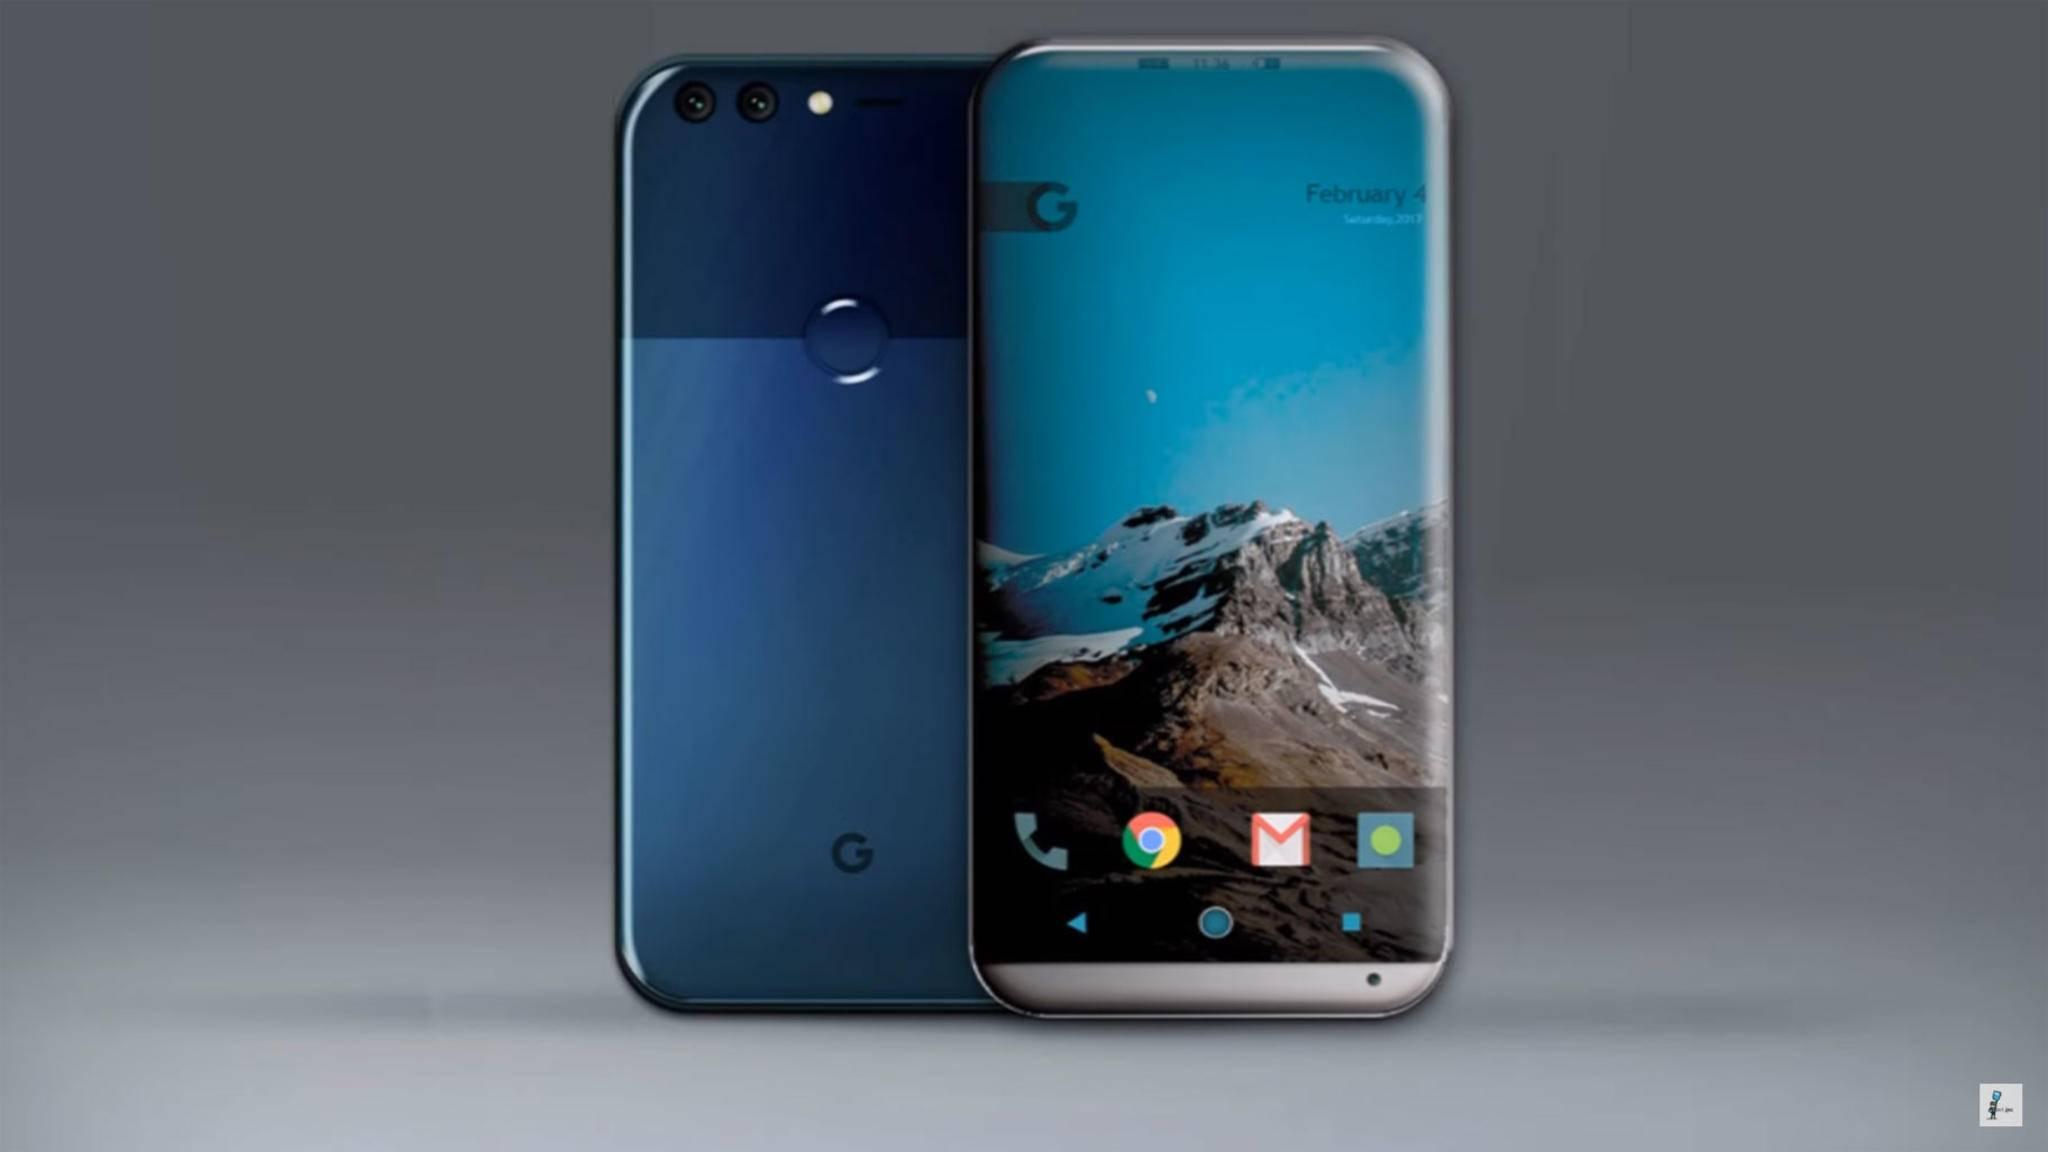 Das Google Pixel 2 ist abermals in einem Codeschnipsel des Android Open Source Project aufgetaucht.